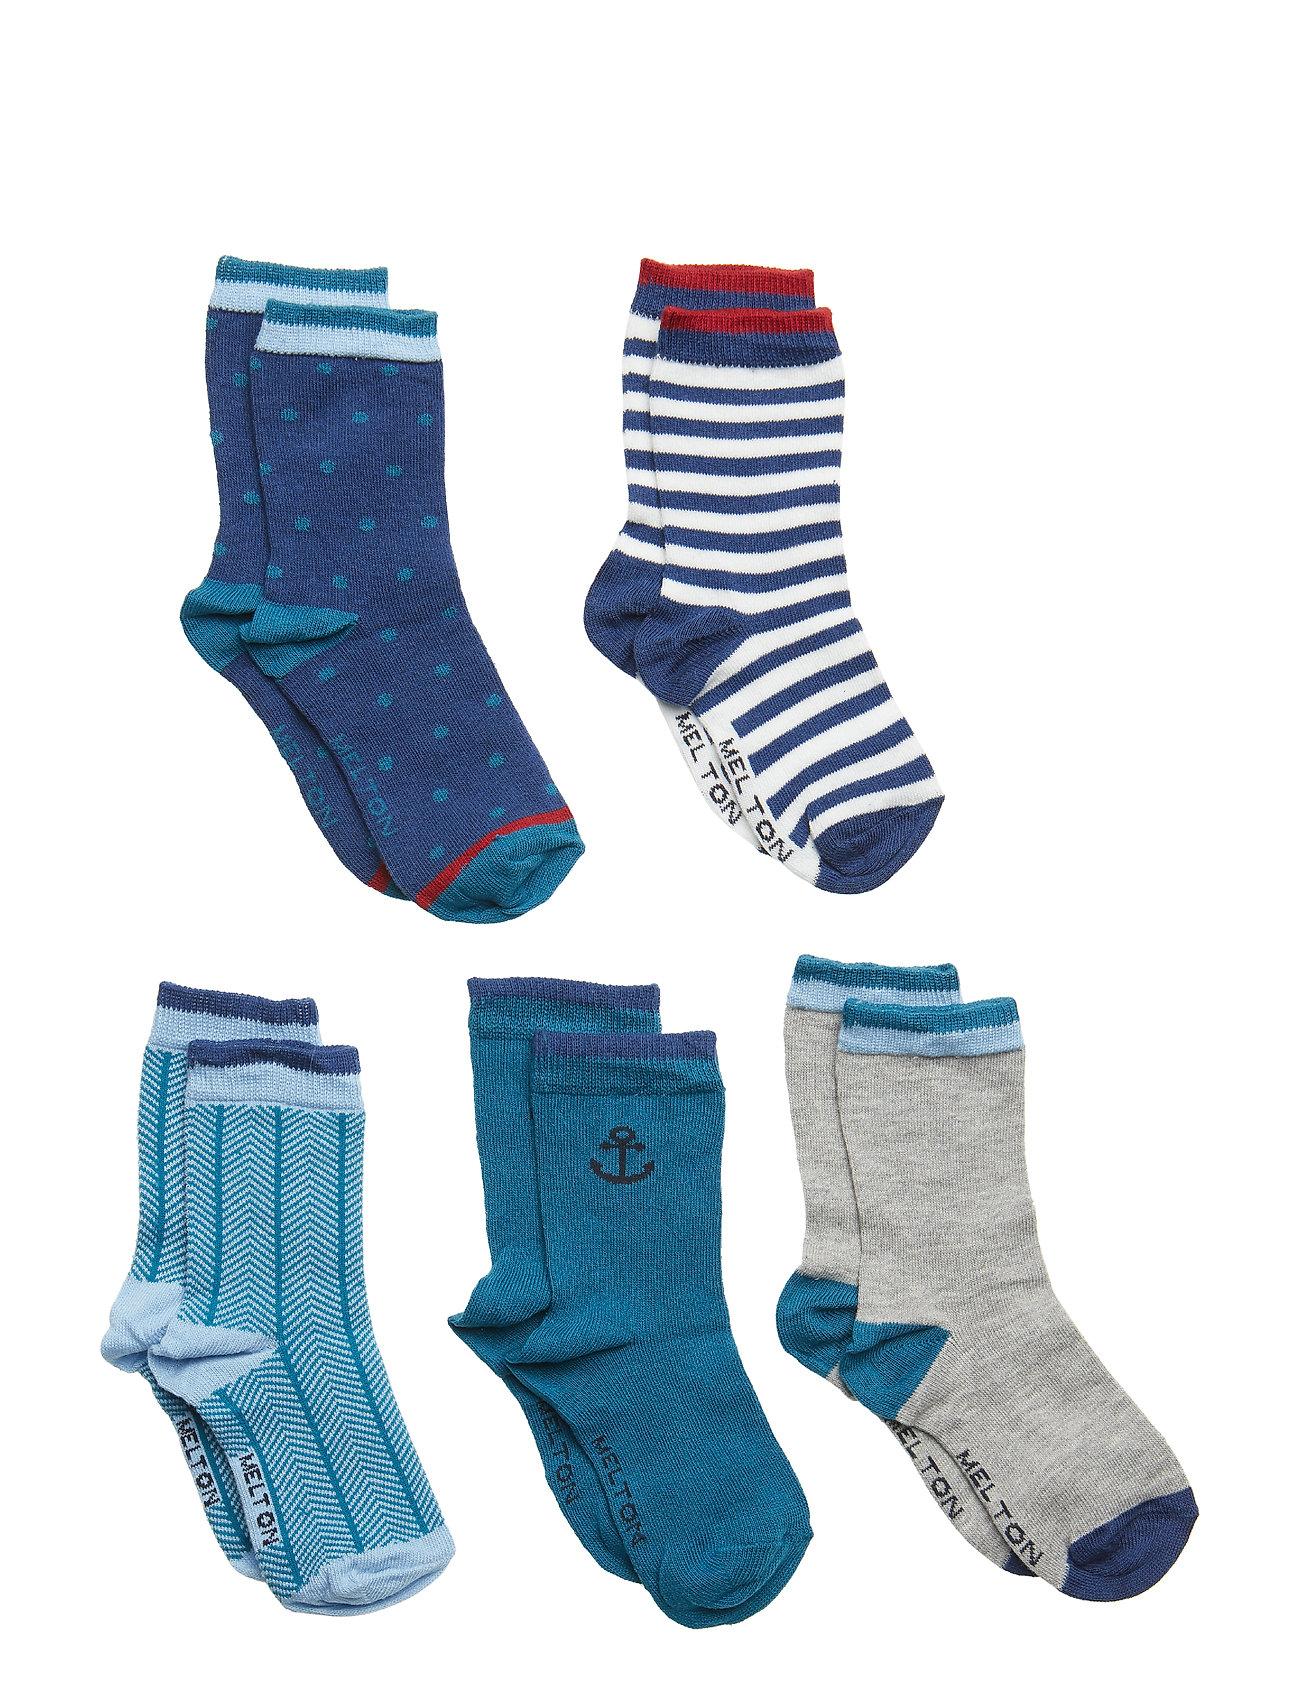 Melton NUMBERS 5-pack Socks - Boys - DARK MARINE